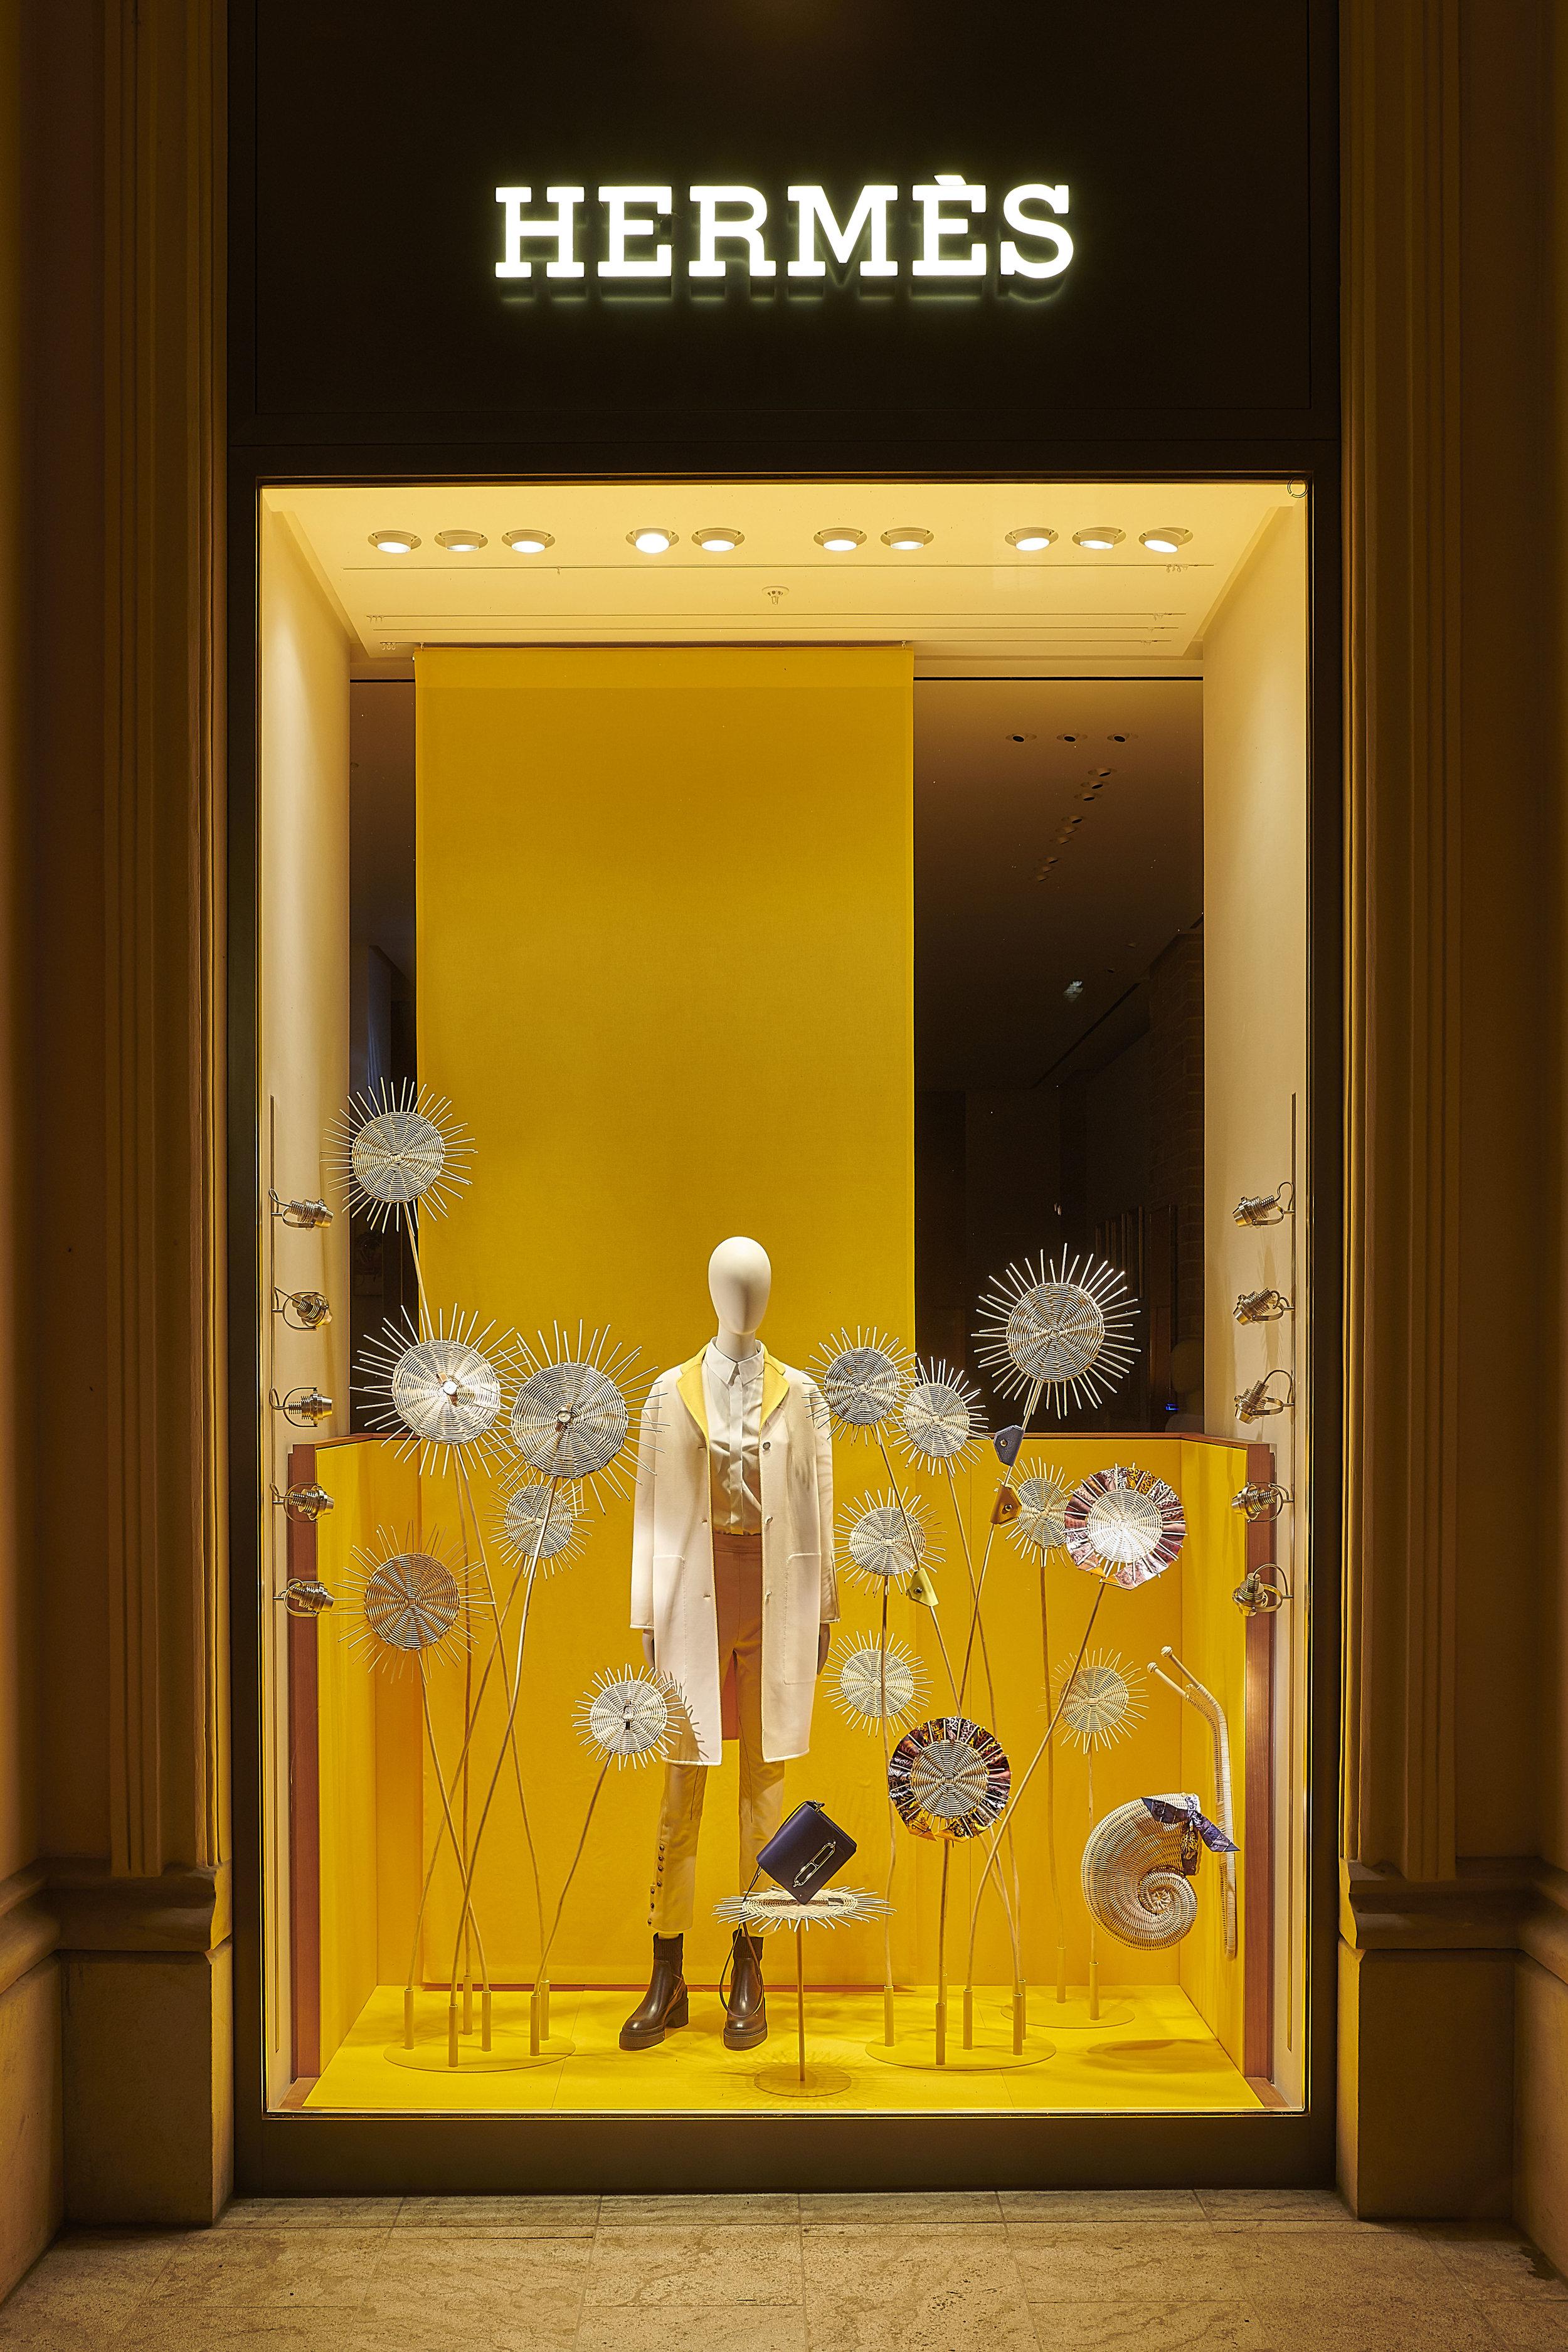 Hermes Window 3_2019 ©Kilian Bishop (1).jpg